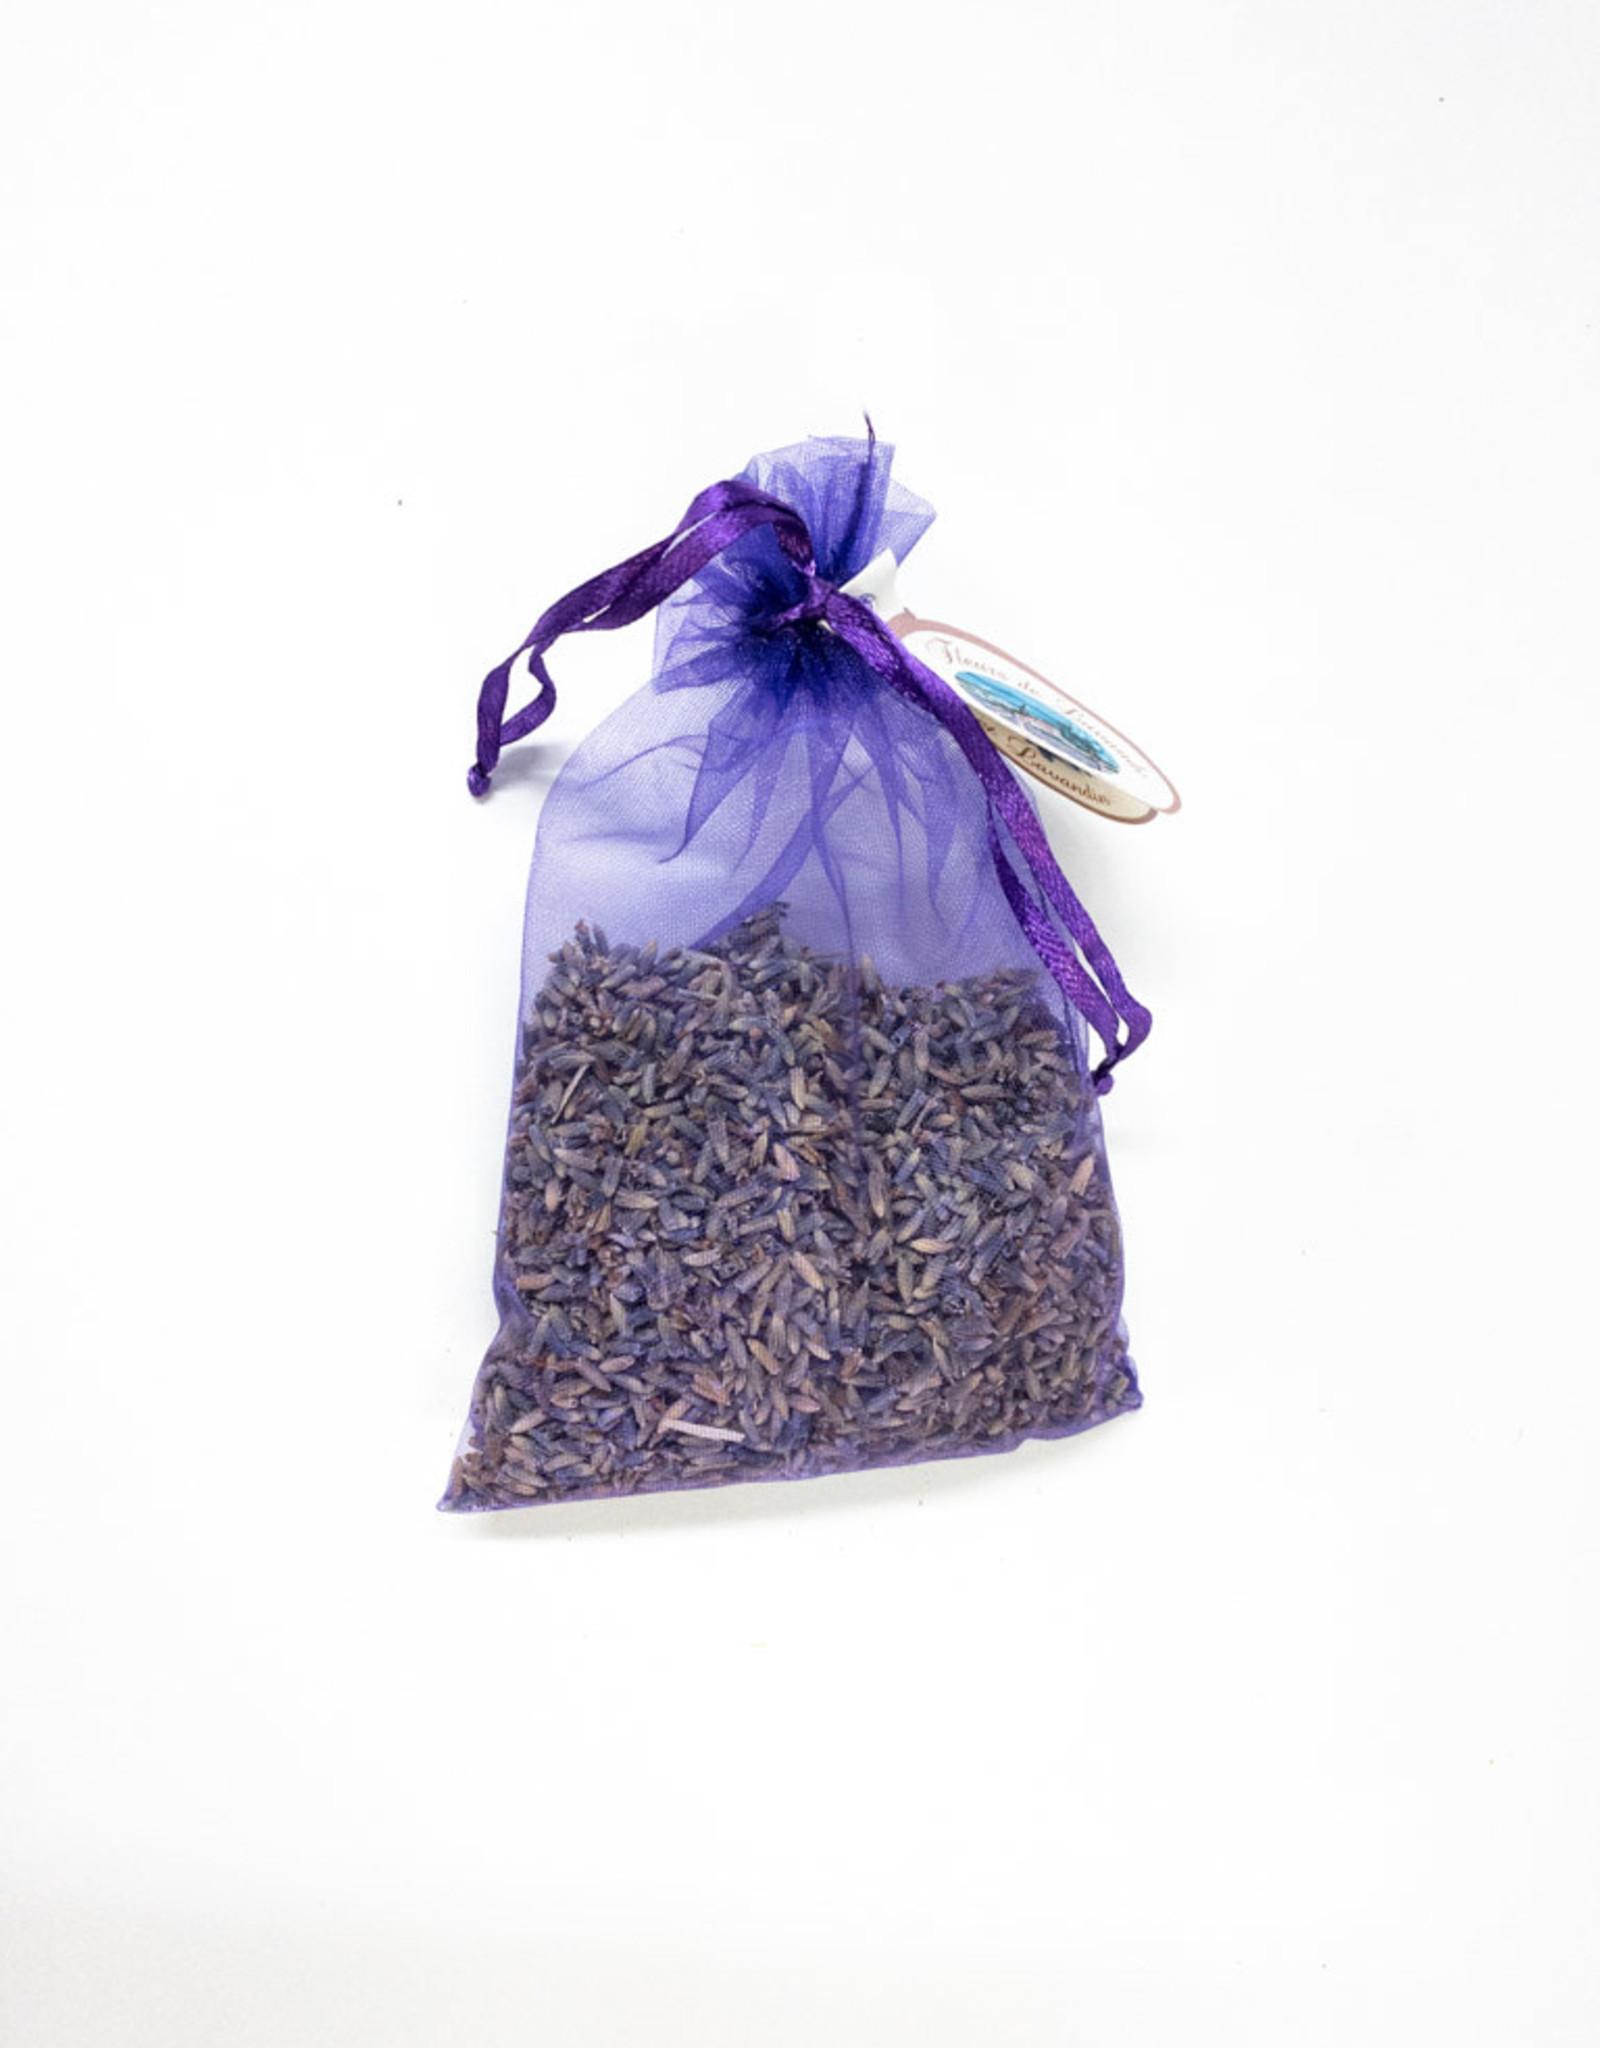 Fluers de Lavende Lavender Organza Sachet